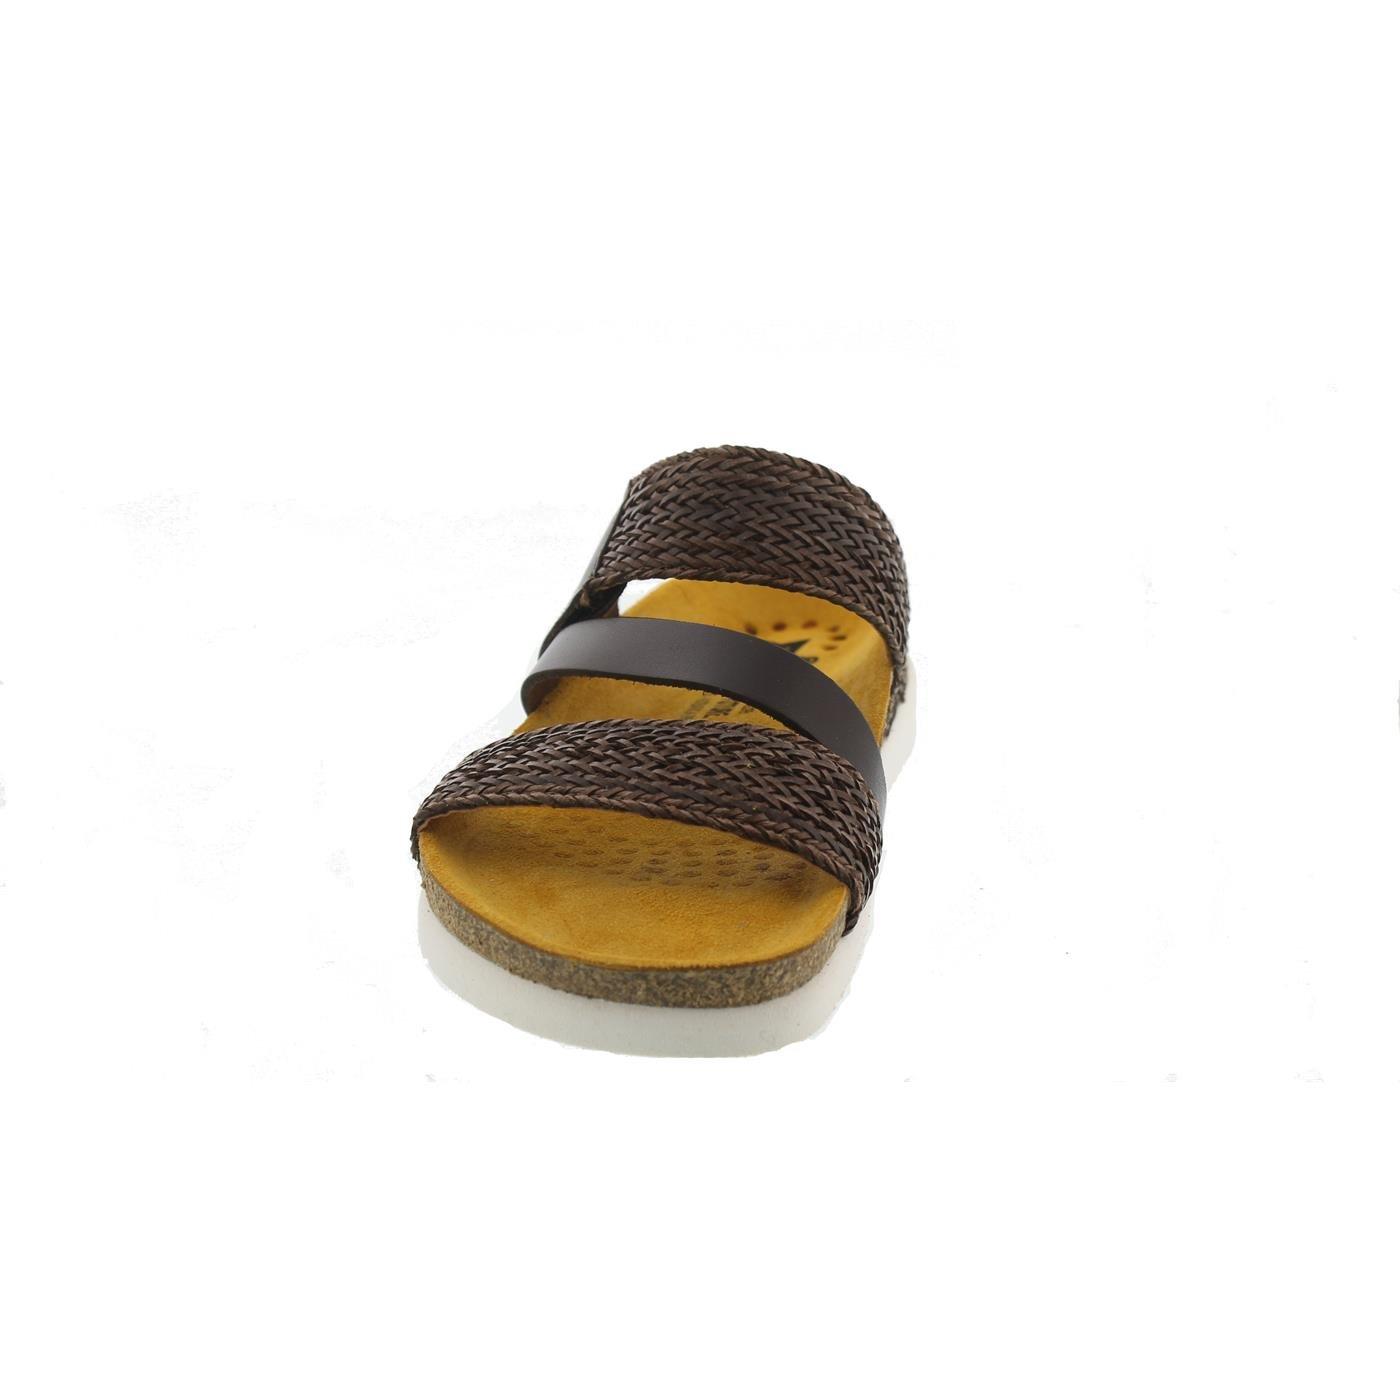 Mephisto Rose Twist, Pantolette, Braun Glattleder, Braun Pantolette, R3149 Braun 6a10c6